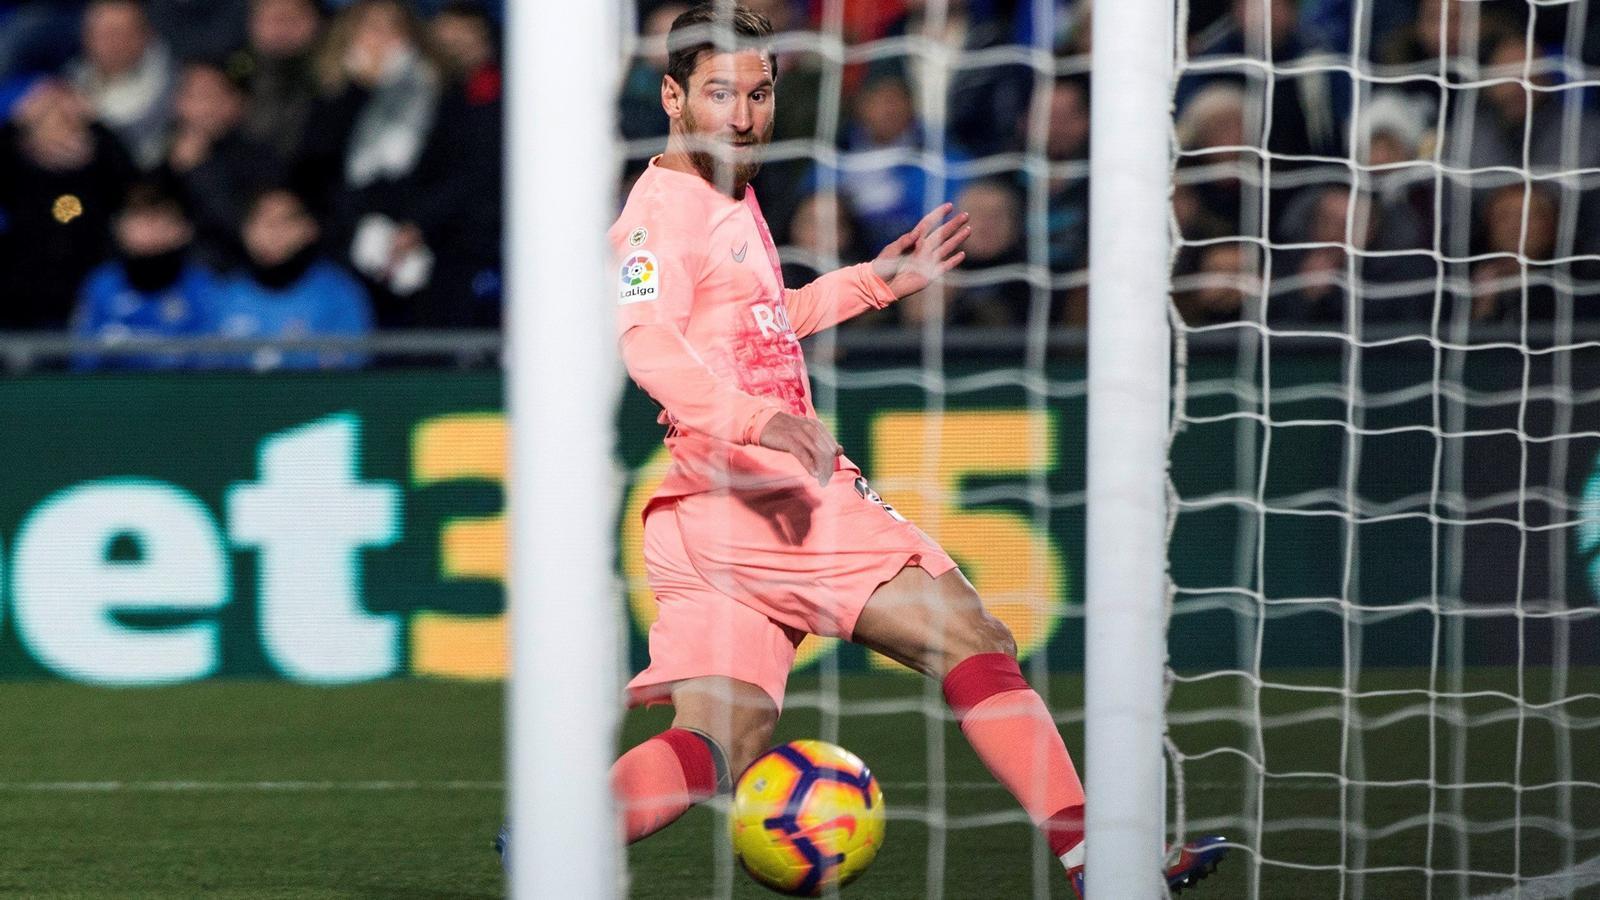 Messi convierte el primer gol del año en la Liga en una rutina.